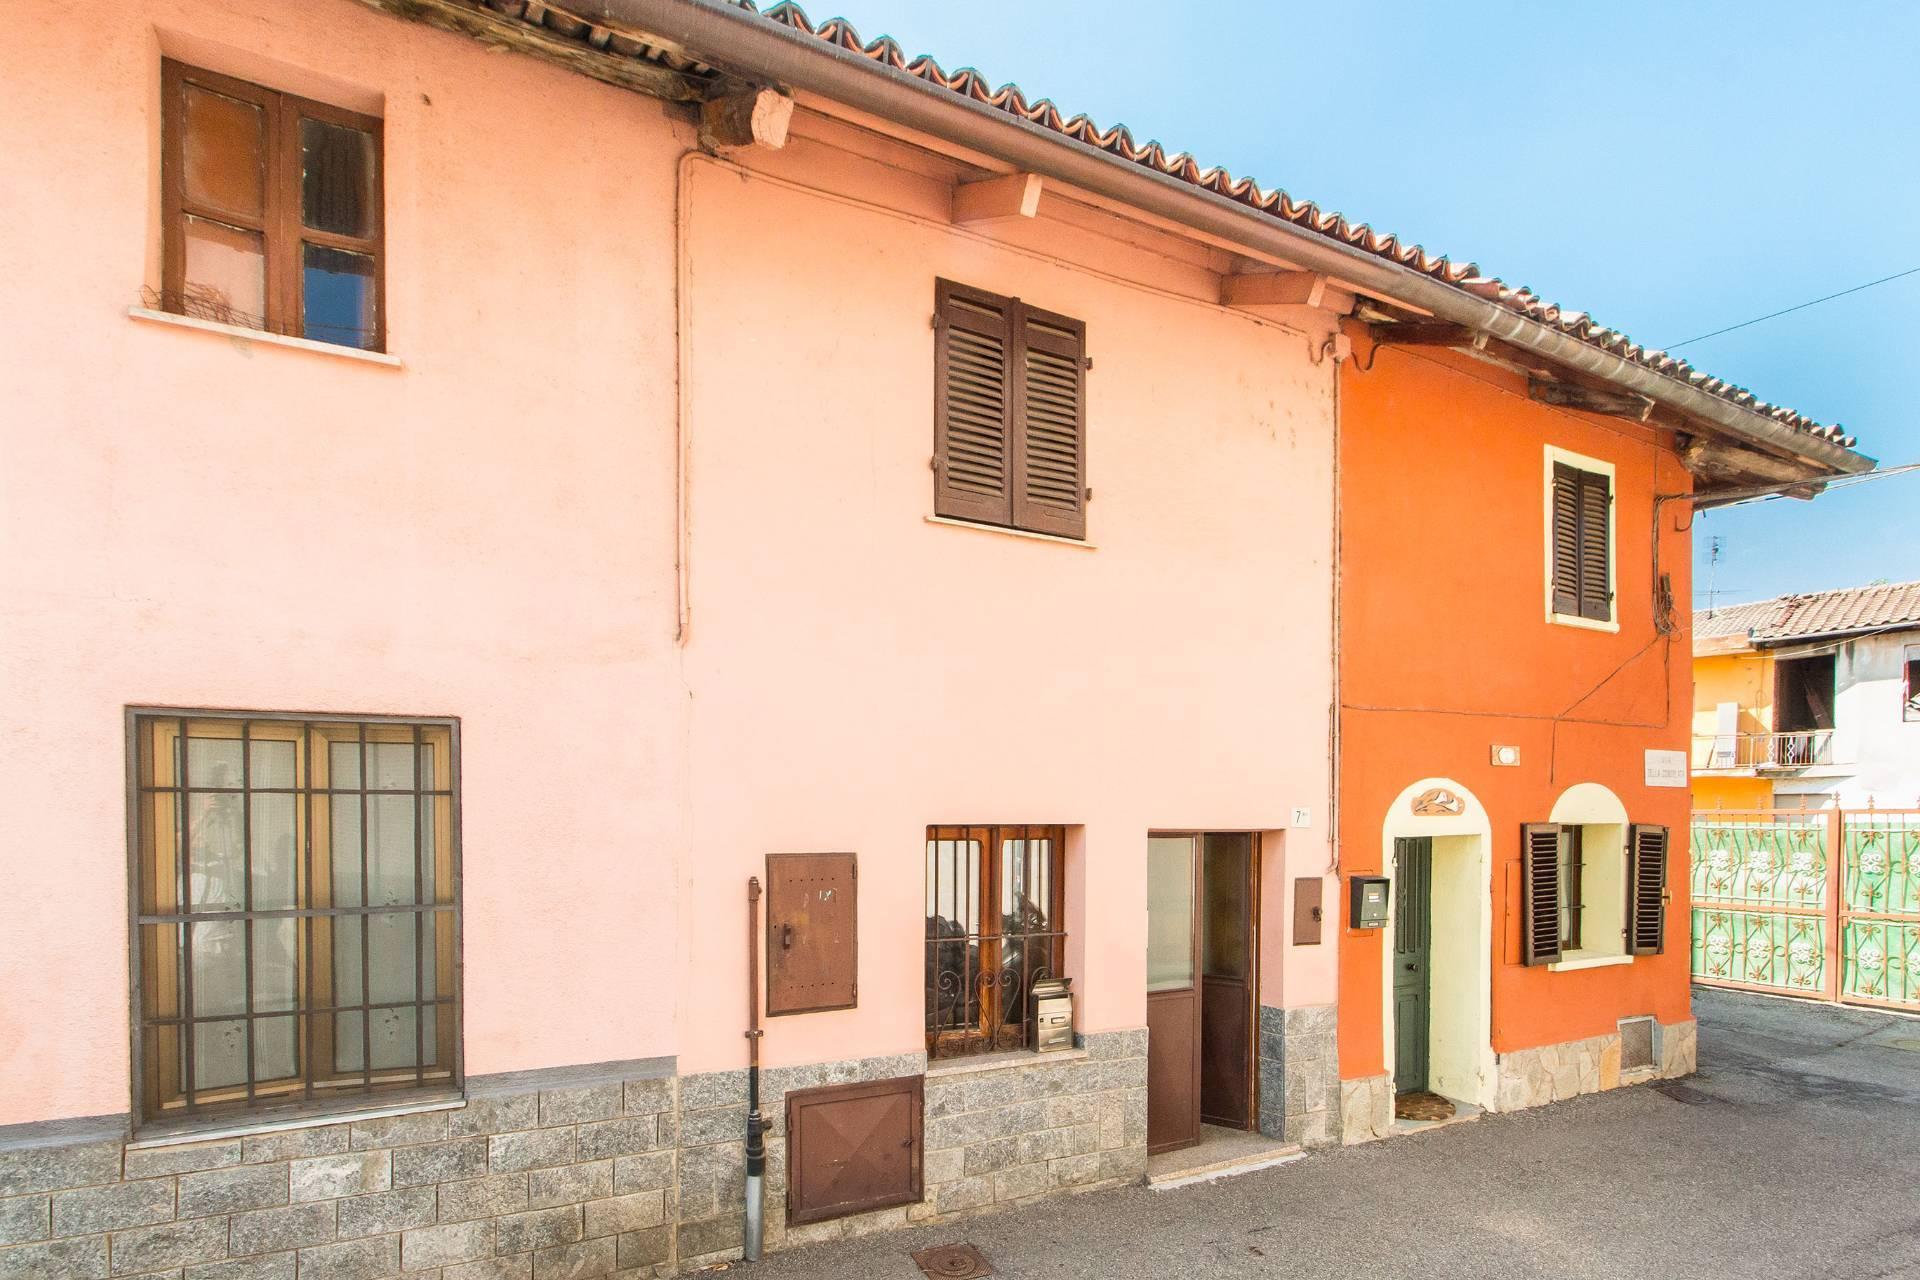 Soluzione Semindipendente in affitto a Collegno, 3 locali, prezzo € 95.000 | PortaleAgenzieImmobiliari.it